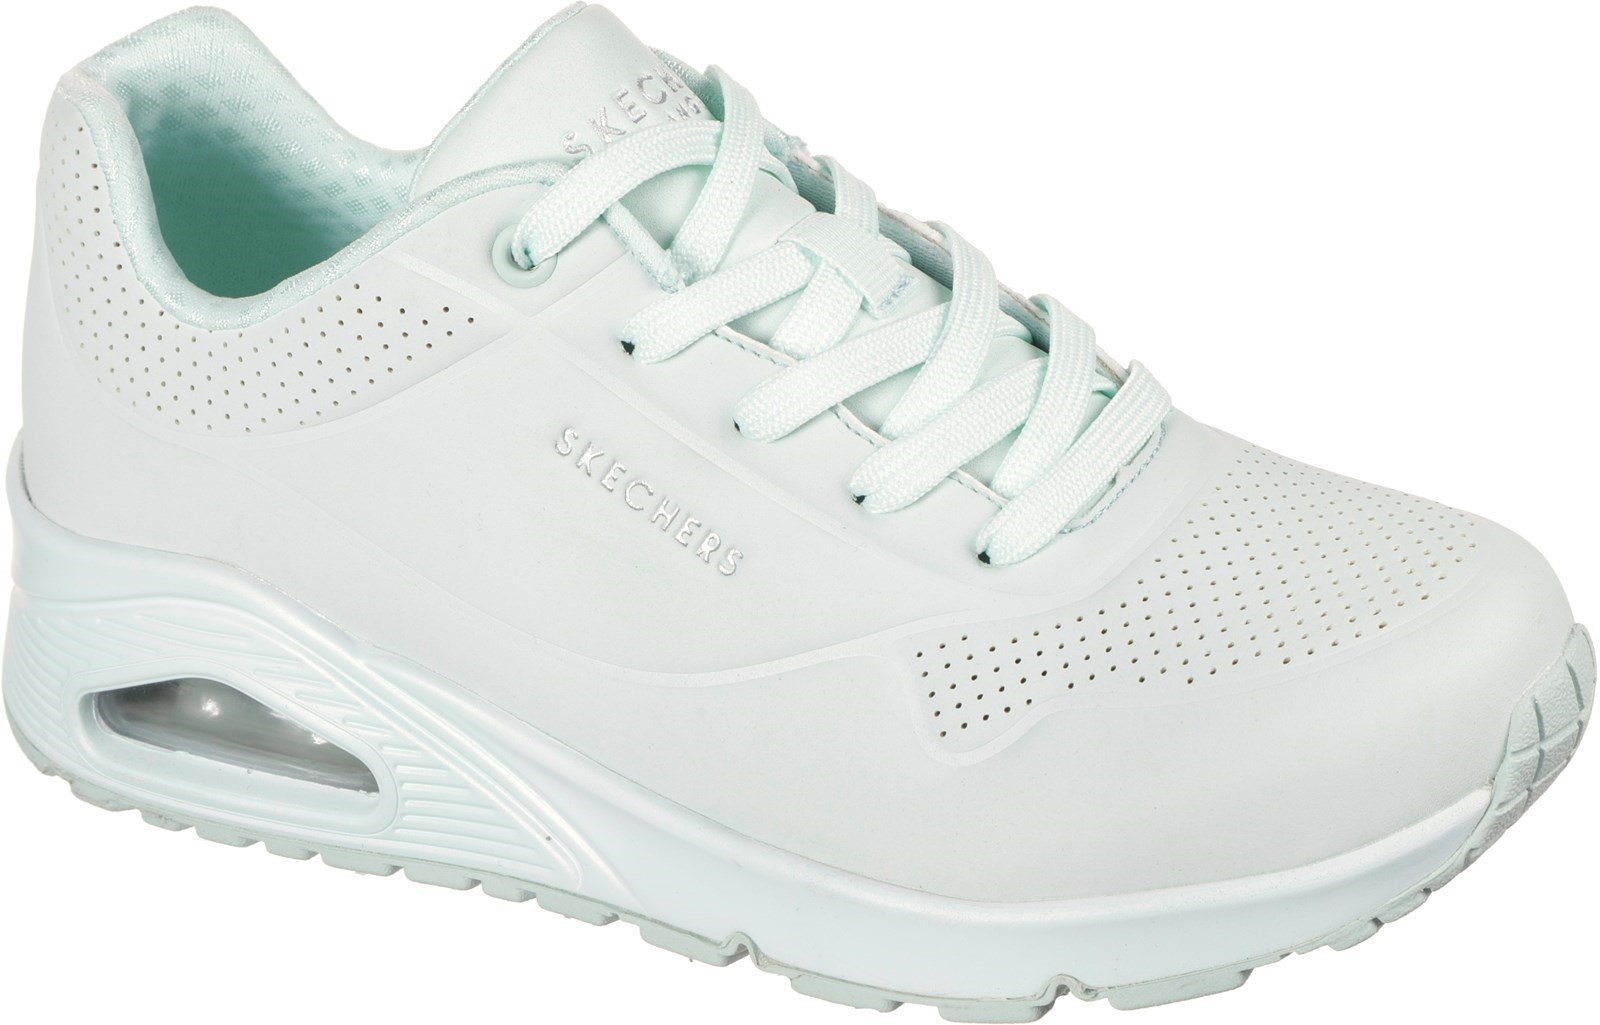 Skechers Women's Uno Frosty Kicks Sports Trainer Mint 32135 - Mint 3